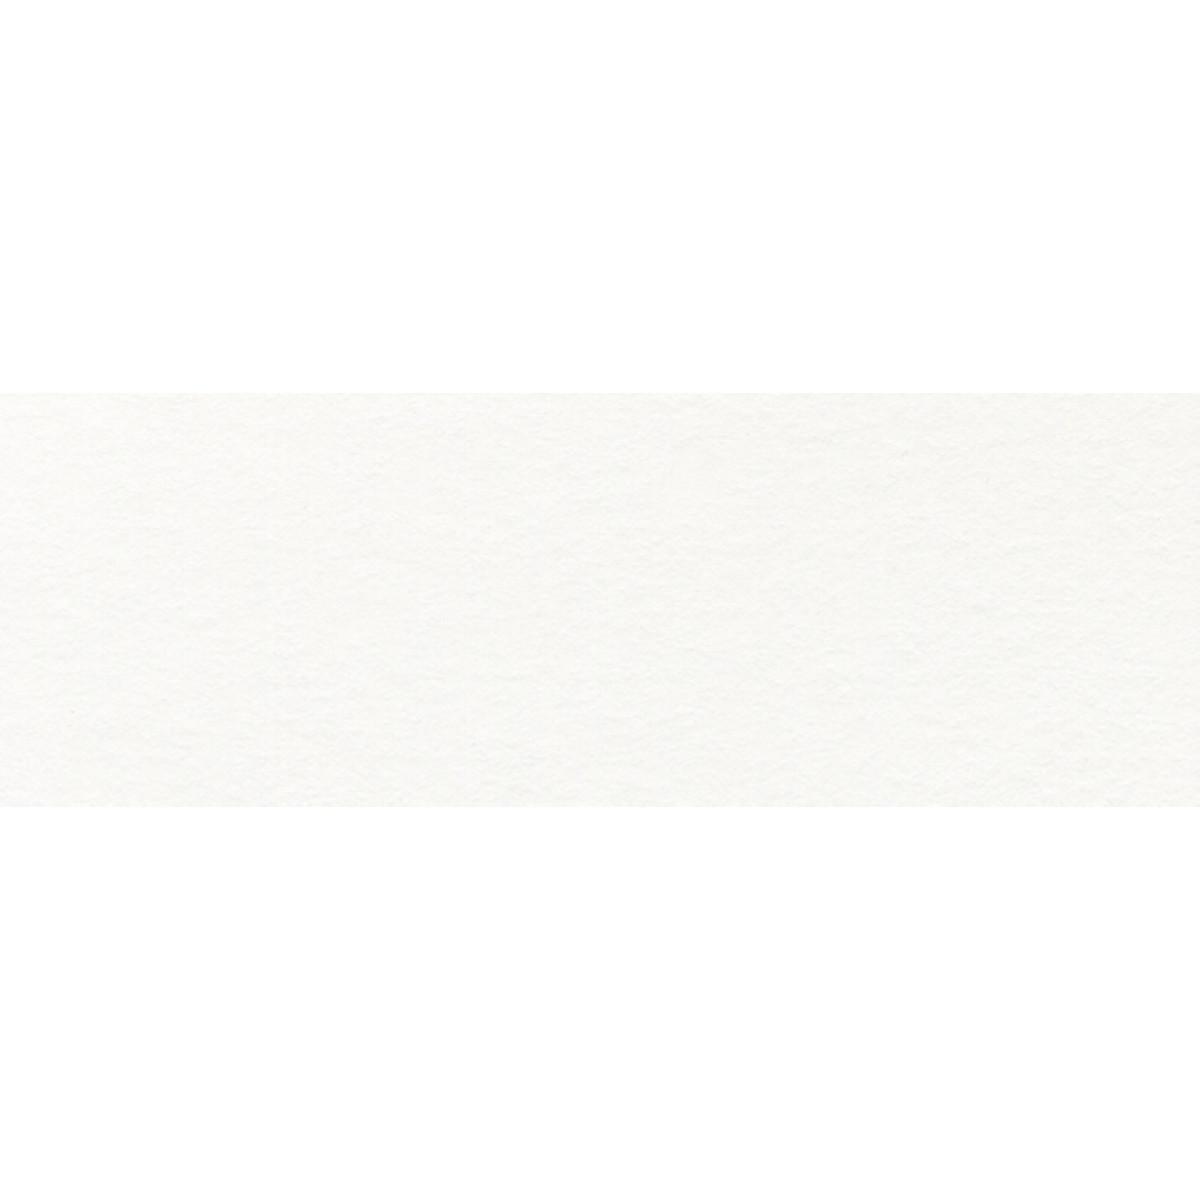 Malpapier 70 g/qm DIN A3 - 250 Blatt - Buntpapierwelt